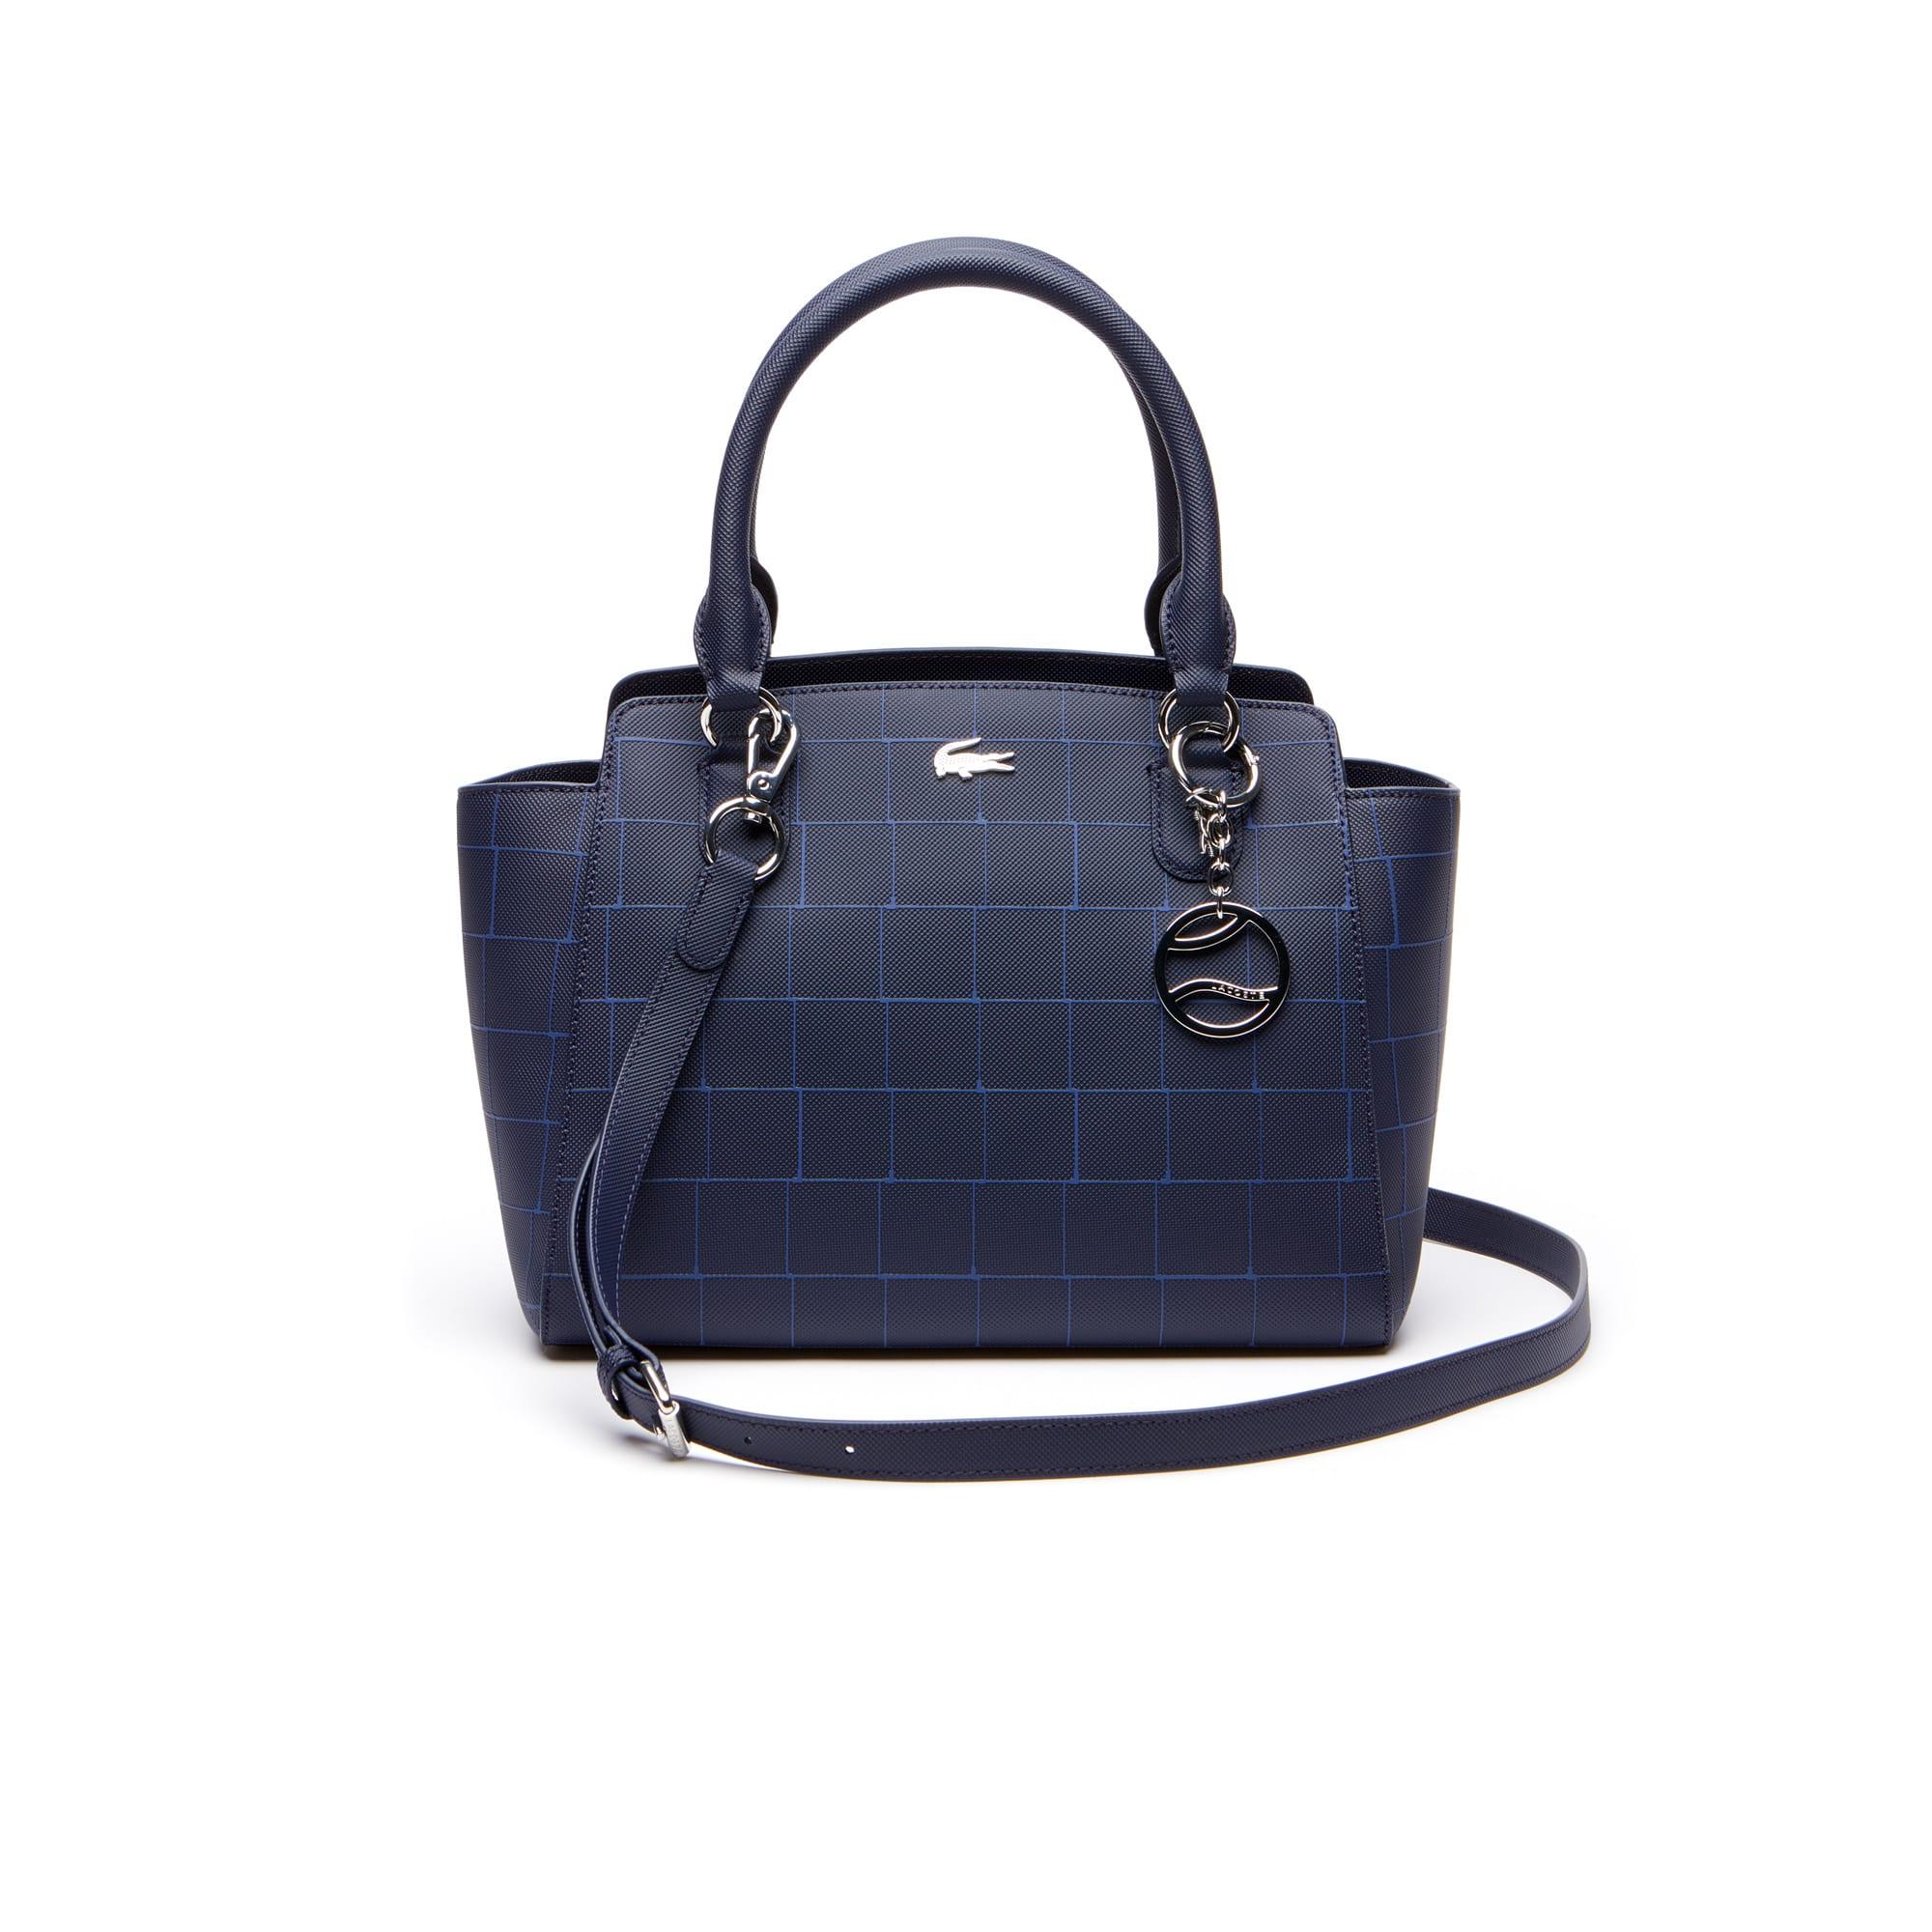 حقيبة ظهر كلاسيكية مُصمَّمة بأسلوب بوتيه بيكيه للرجال